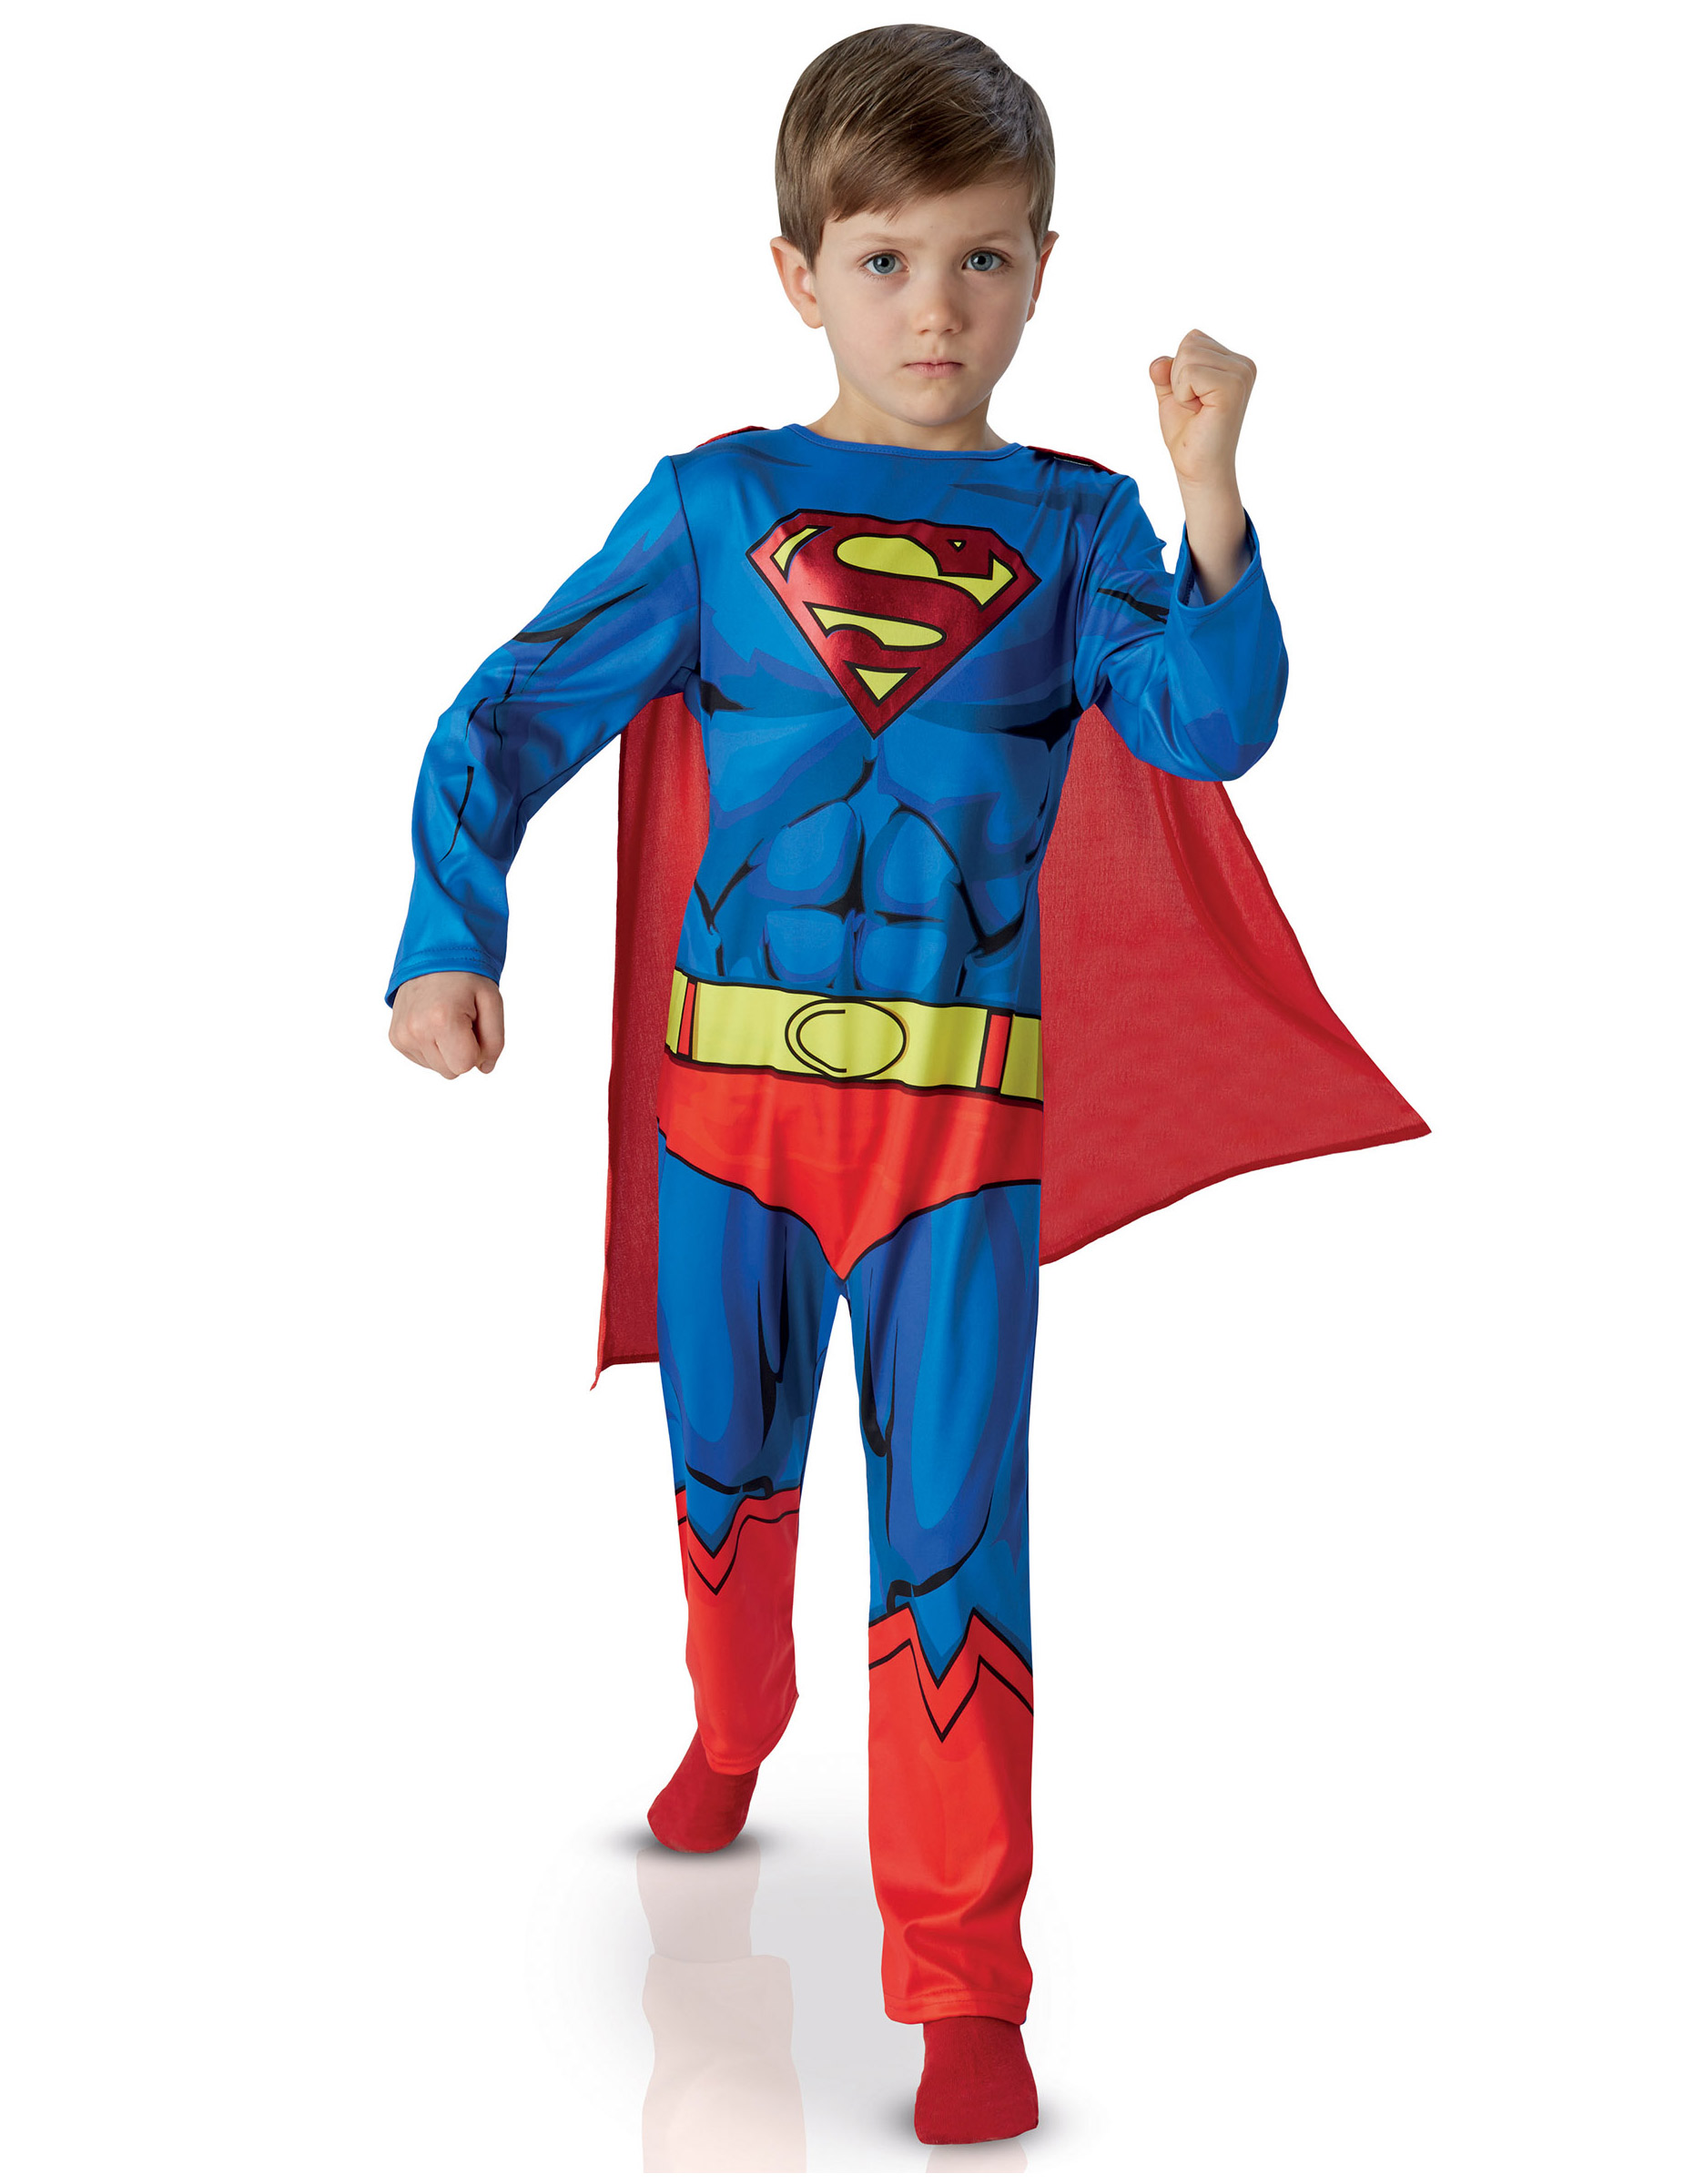 Verkleidung Für Kinder : comic verkleidung superman f r kinder kost me f r kinder und g nstige faschingskost me vegaoo ~ Frokenaadalensverden.com Haus und Dekorationen